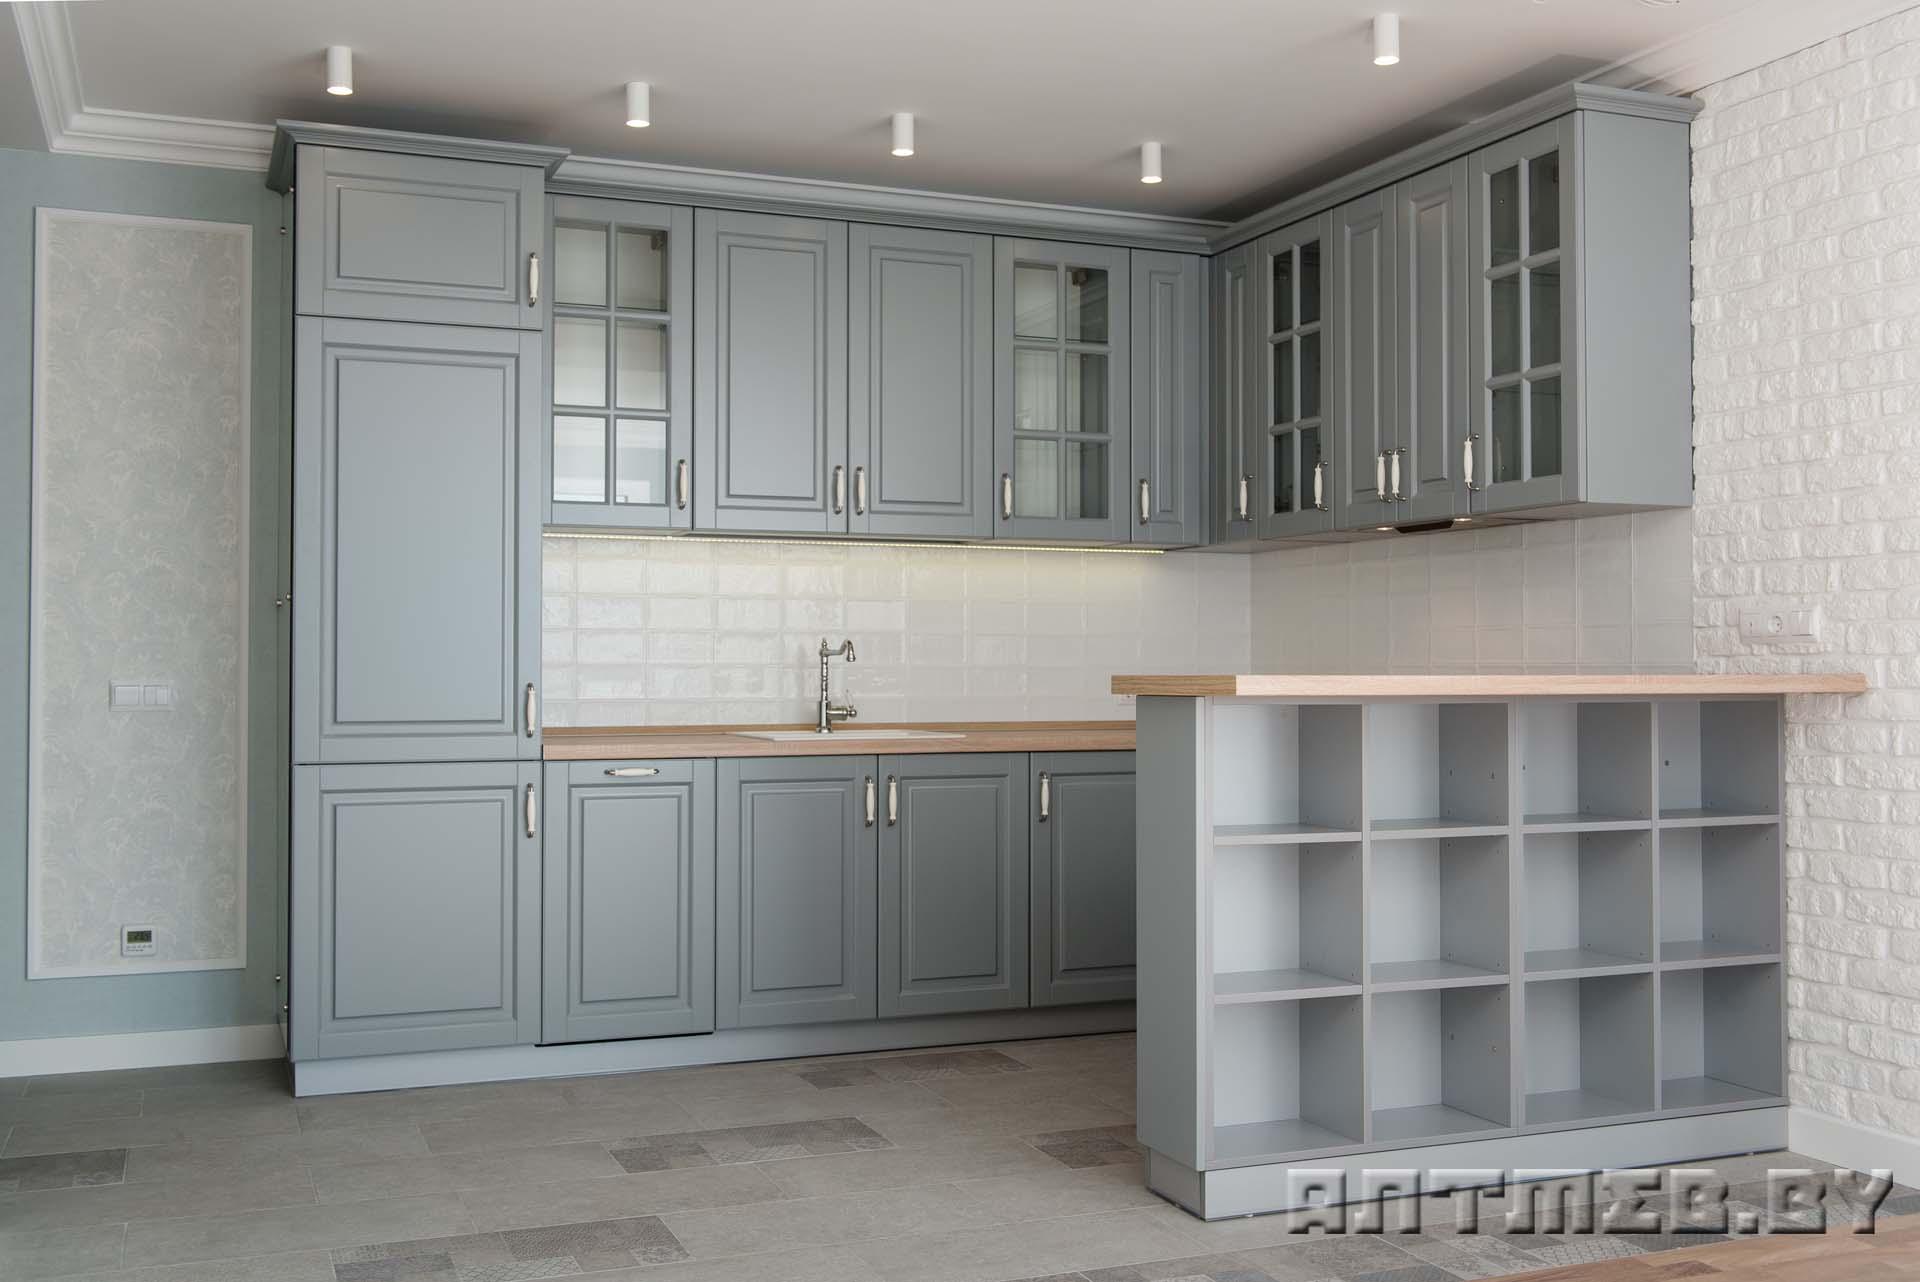 Нестандартные угловые кухни под заказ в Минске от компании AntMeb